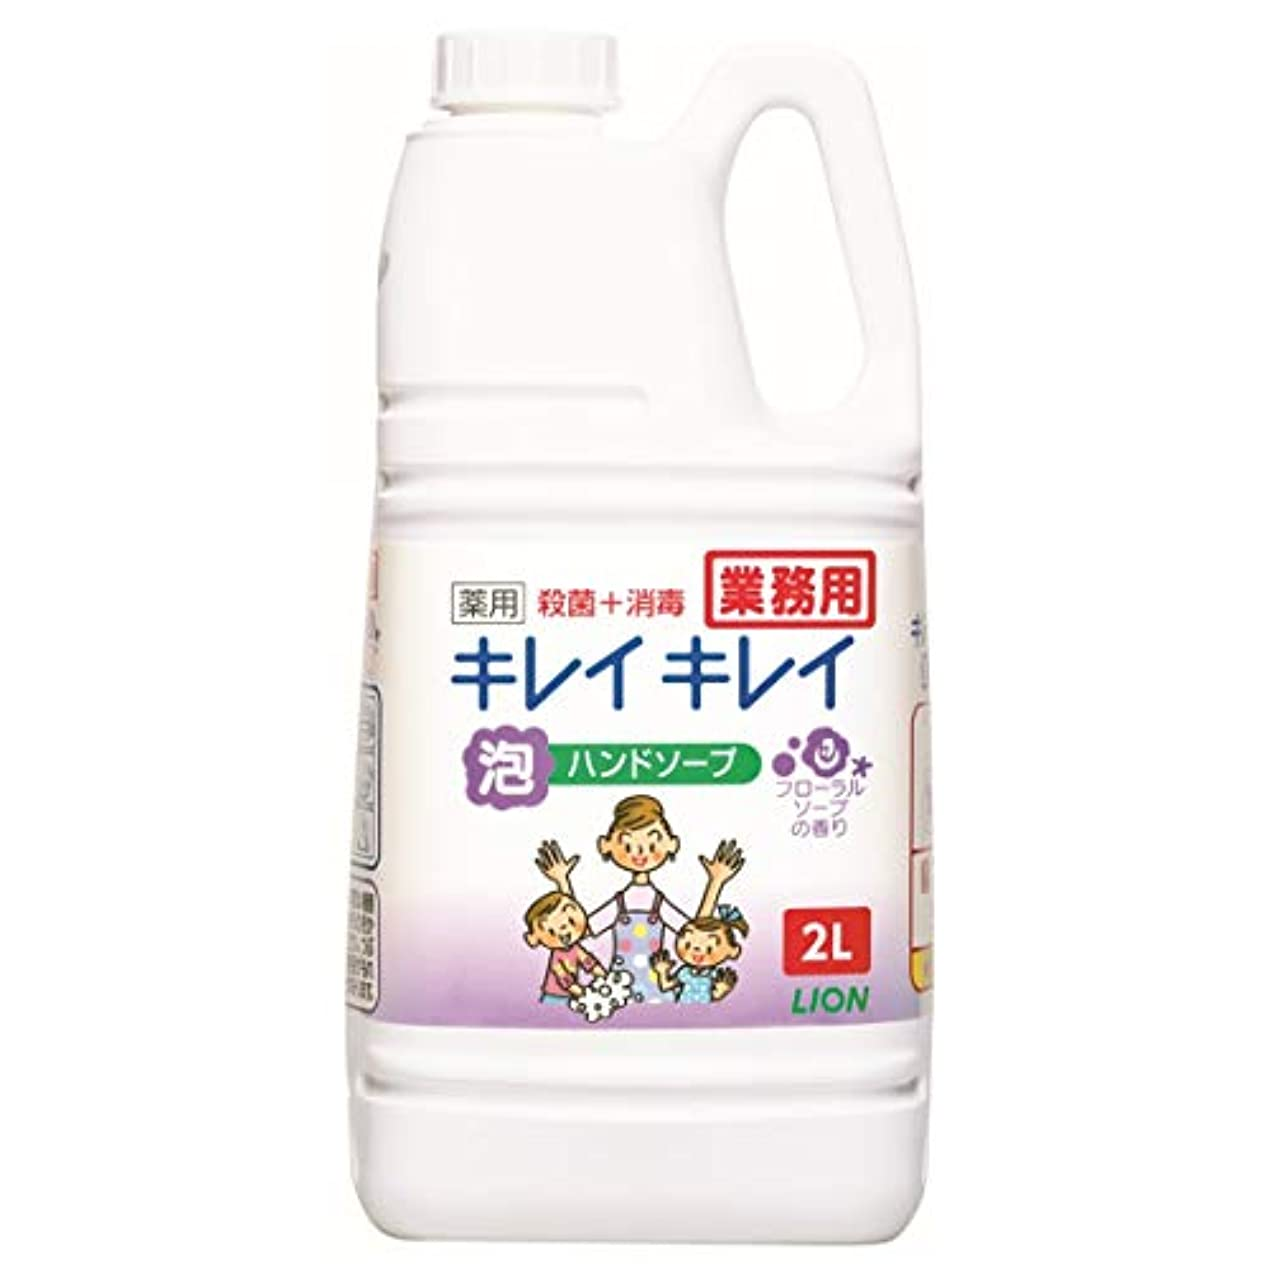 におい値するサイレン【大容量】キレイキレイ 薬用泡ハンドソープ フローラルソープの香り 2L